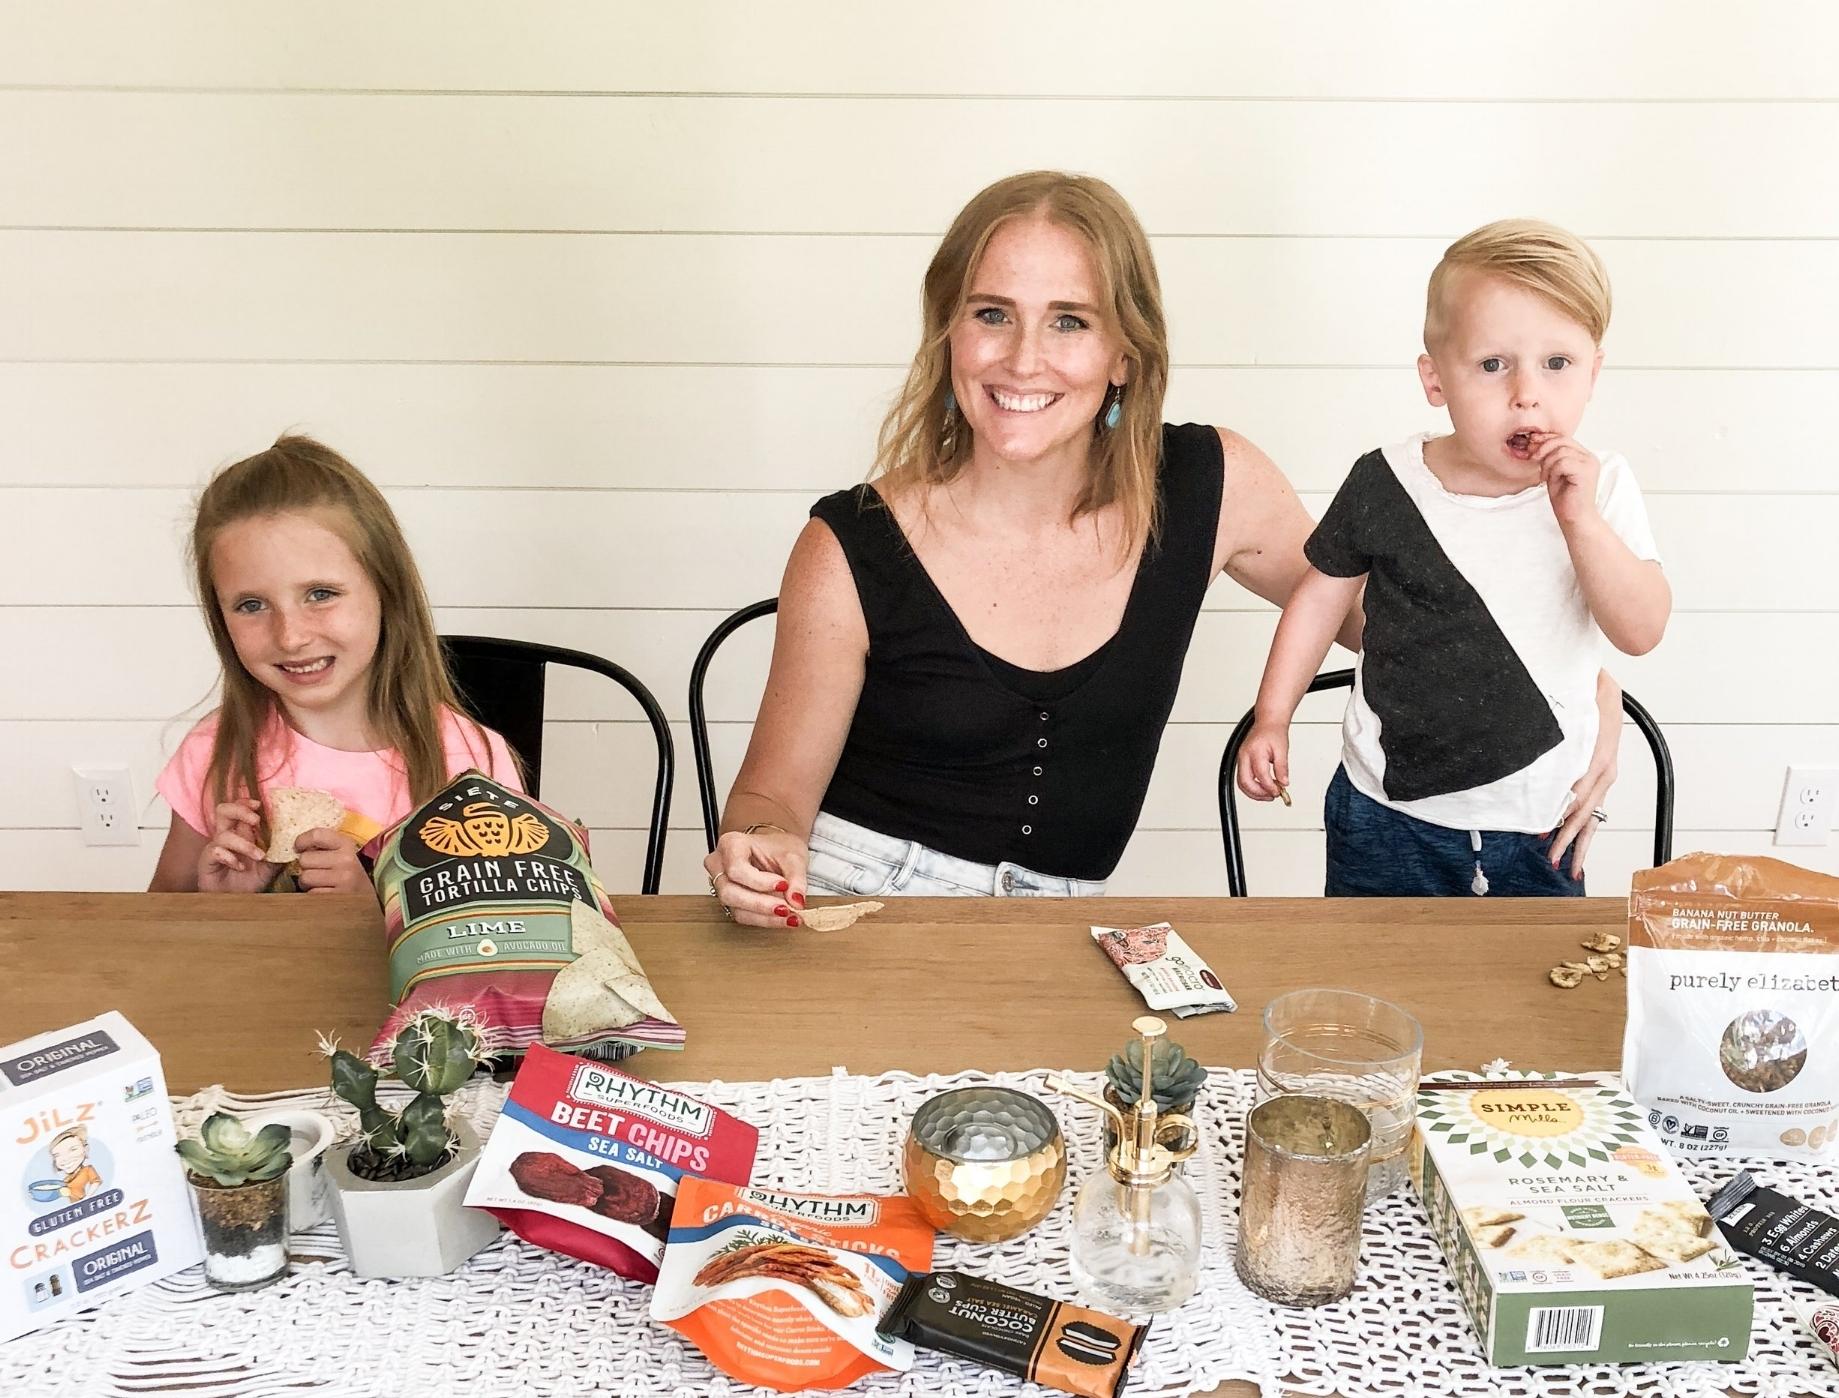 kids snacking.JPG-clean-eating-snacks-kids